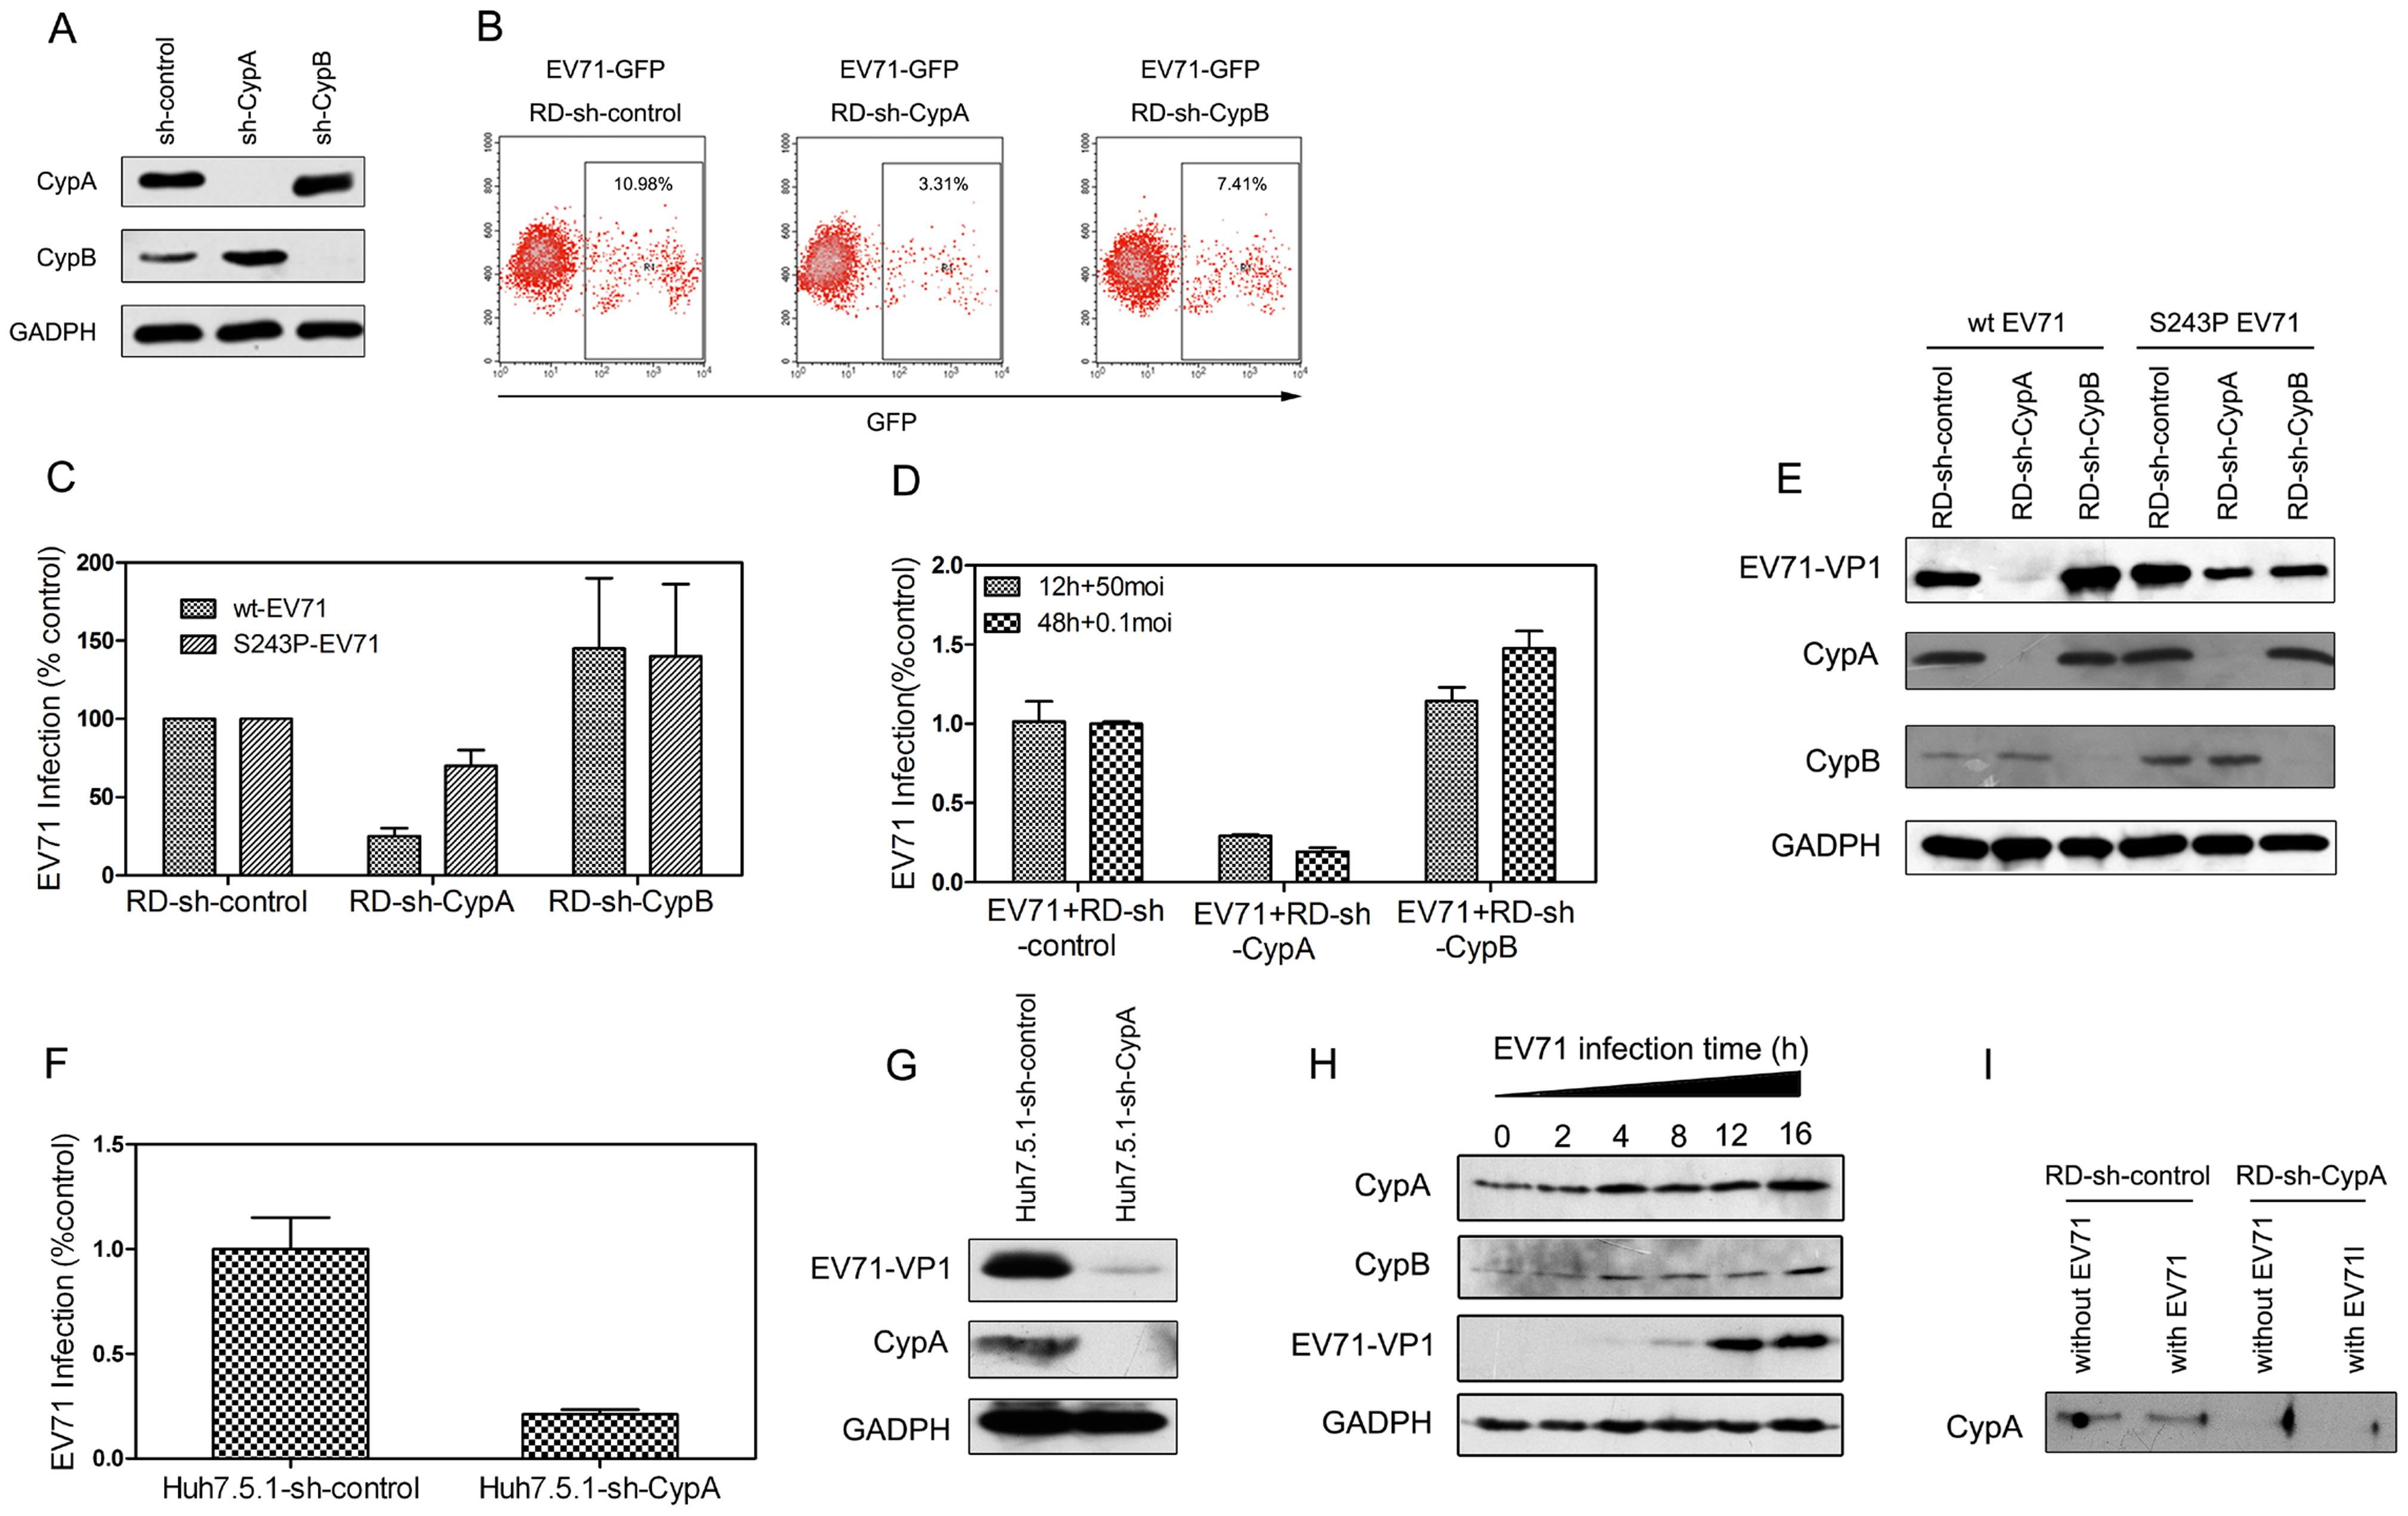 CypA regulated EV71 proliferation.